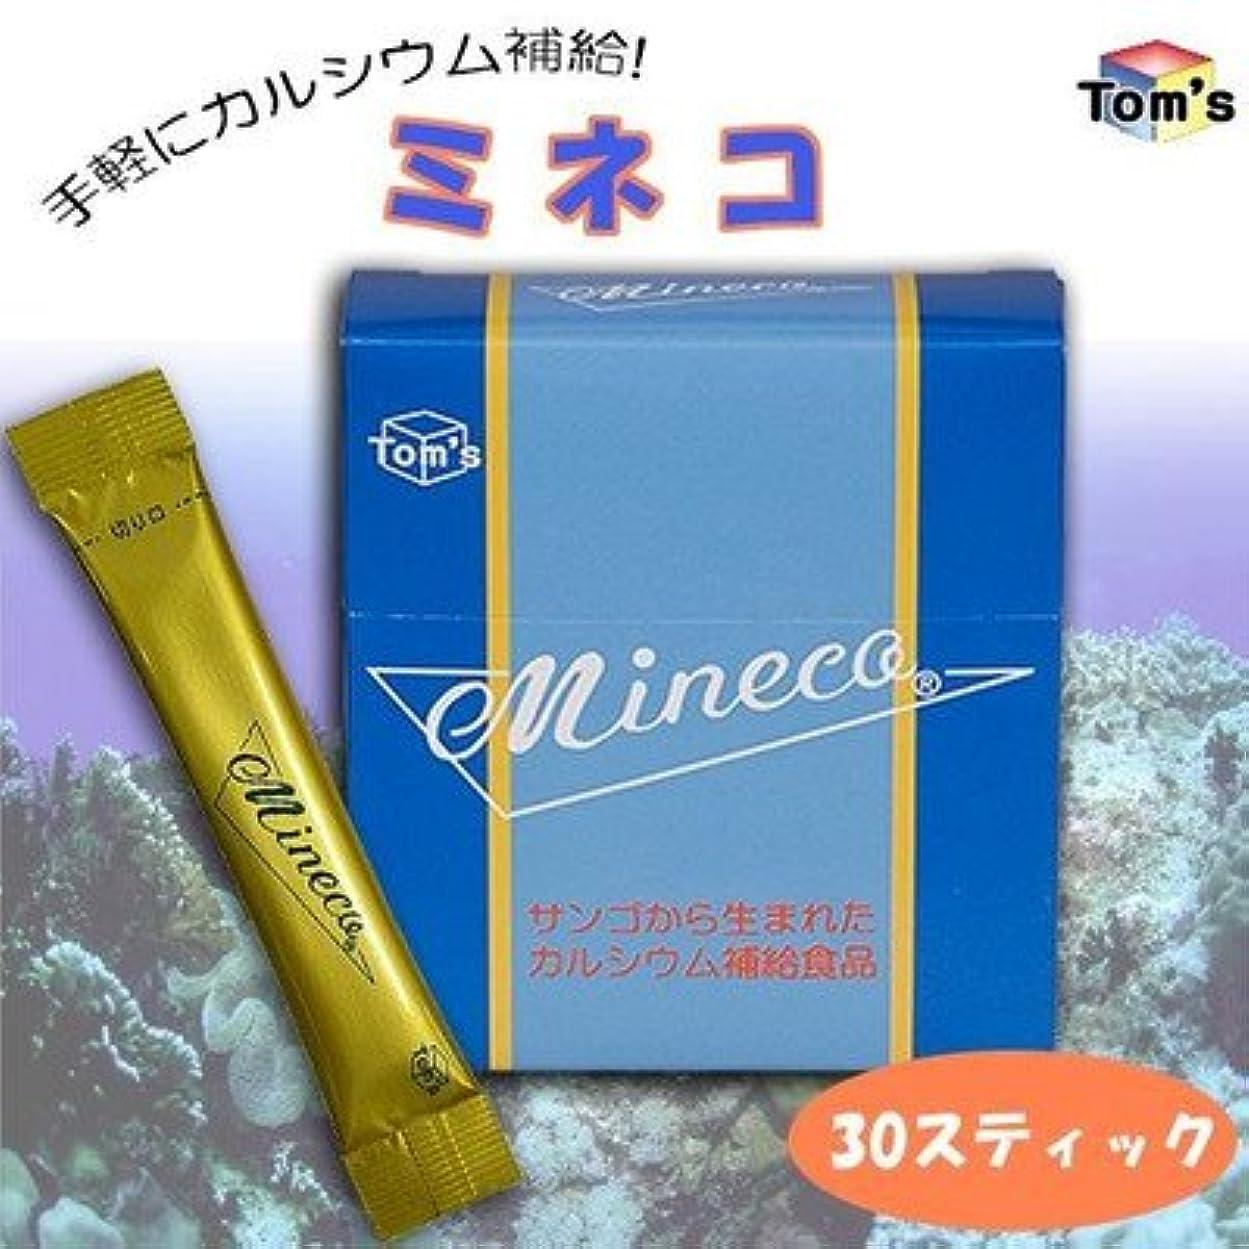 ポンプエピソードグリップ手軽にカルシウム補給 ミネコ 1箱(30スティック入)